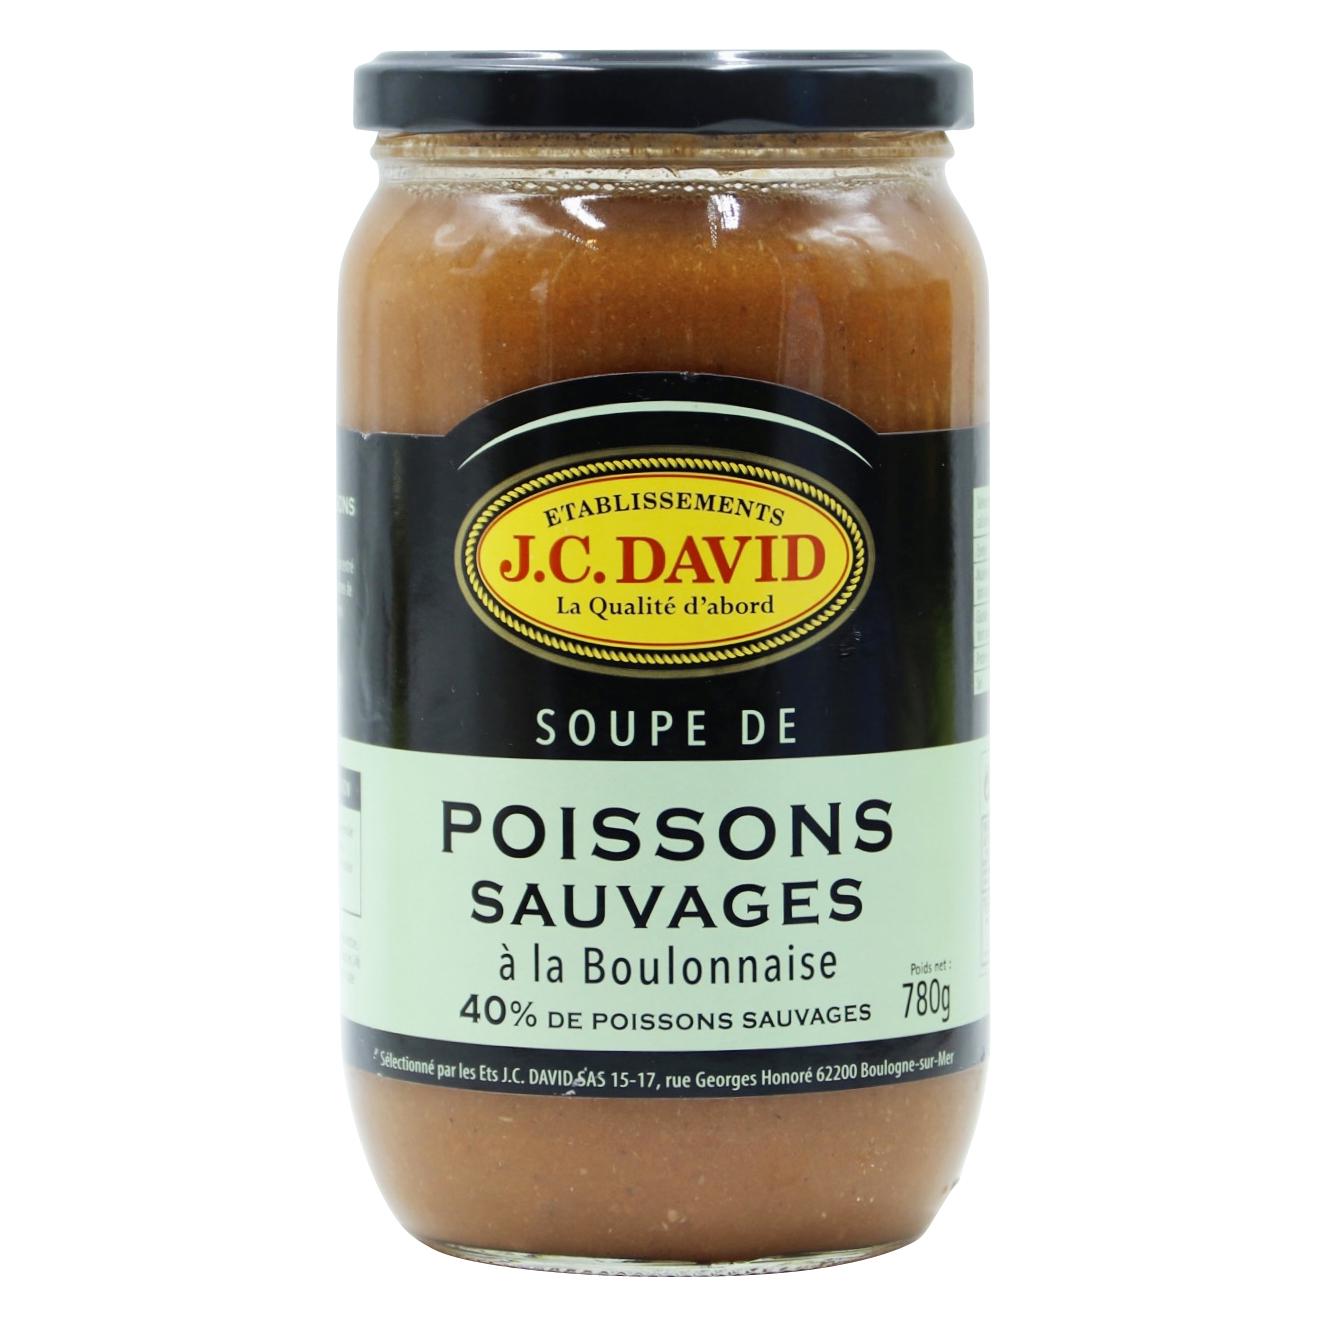 SOUPE DE POISSONS SAUVAGES 40% - 780 g